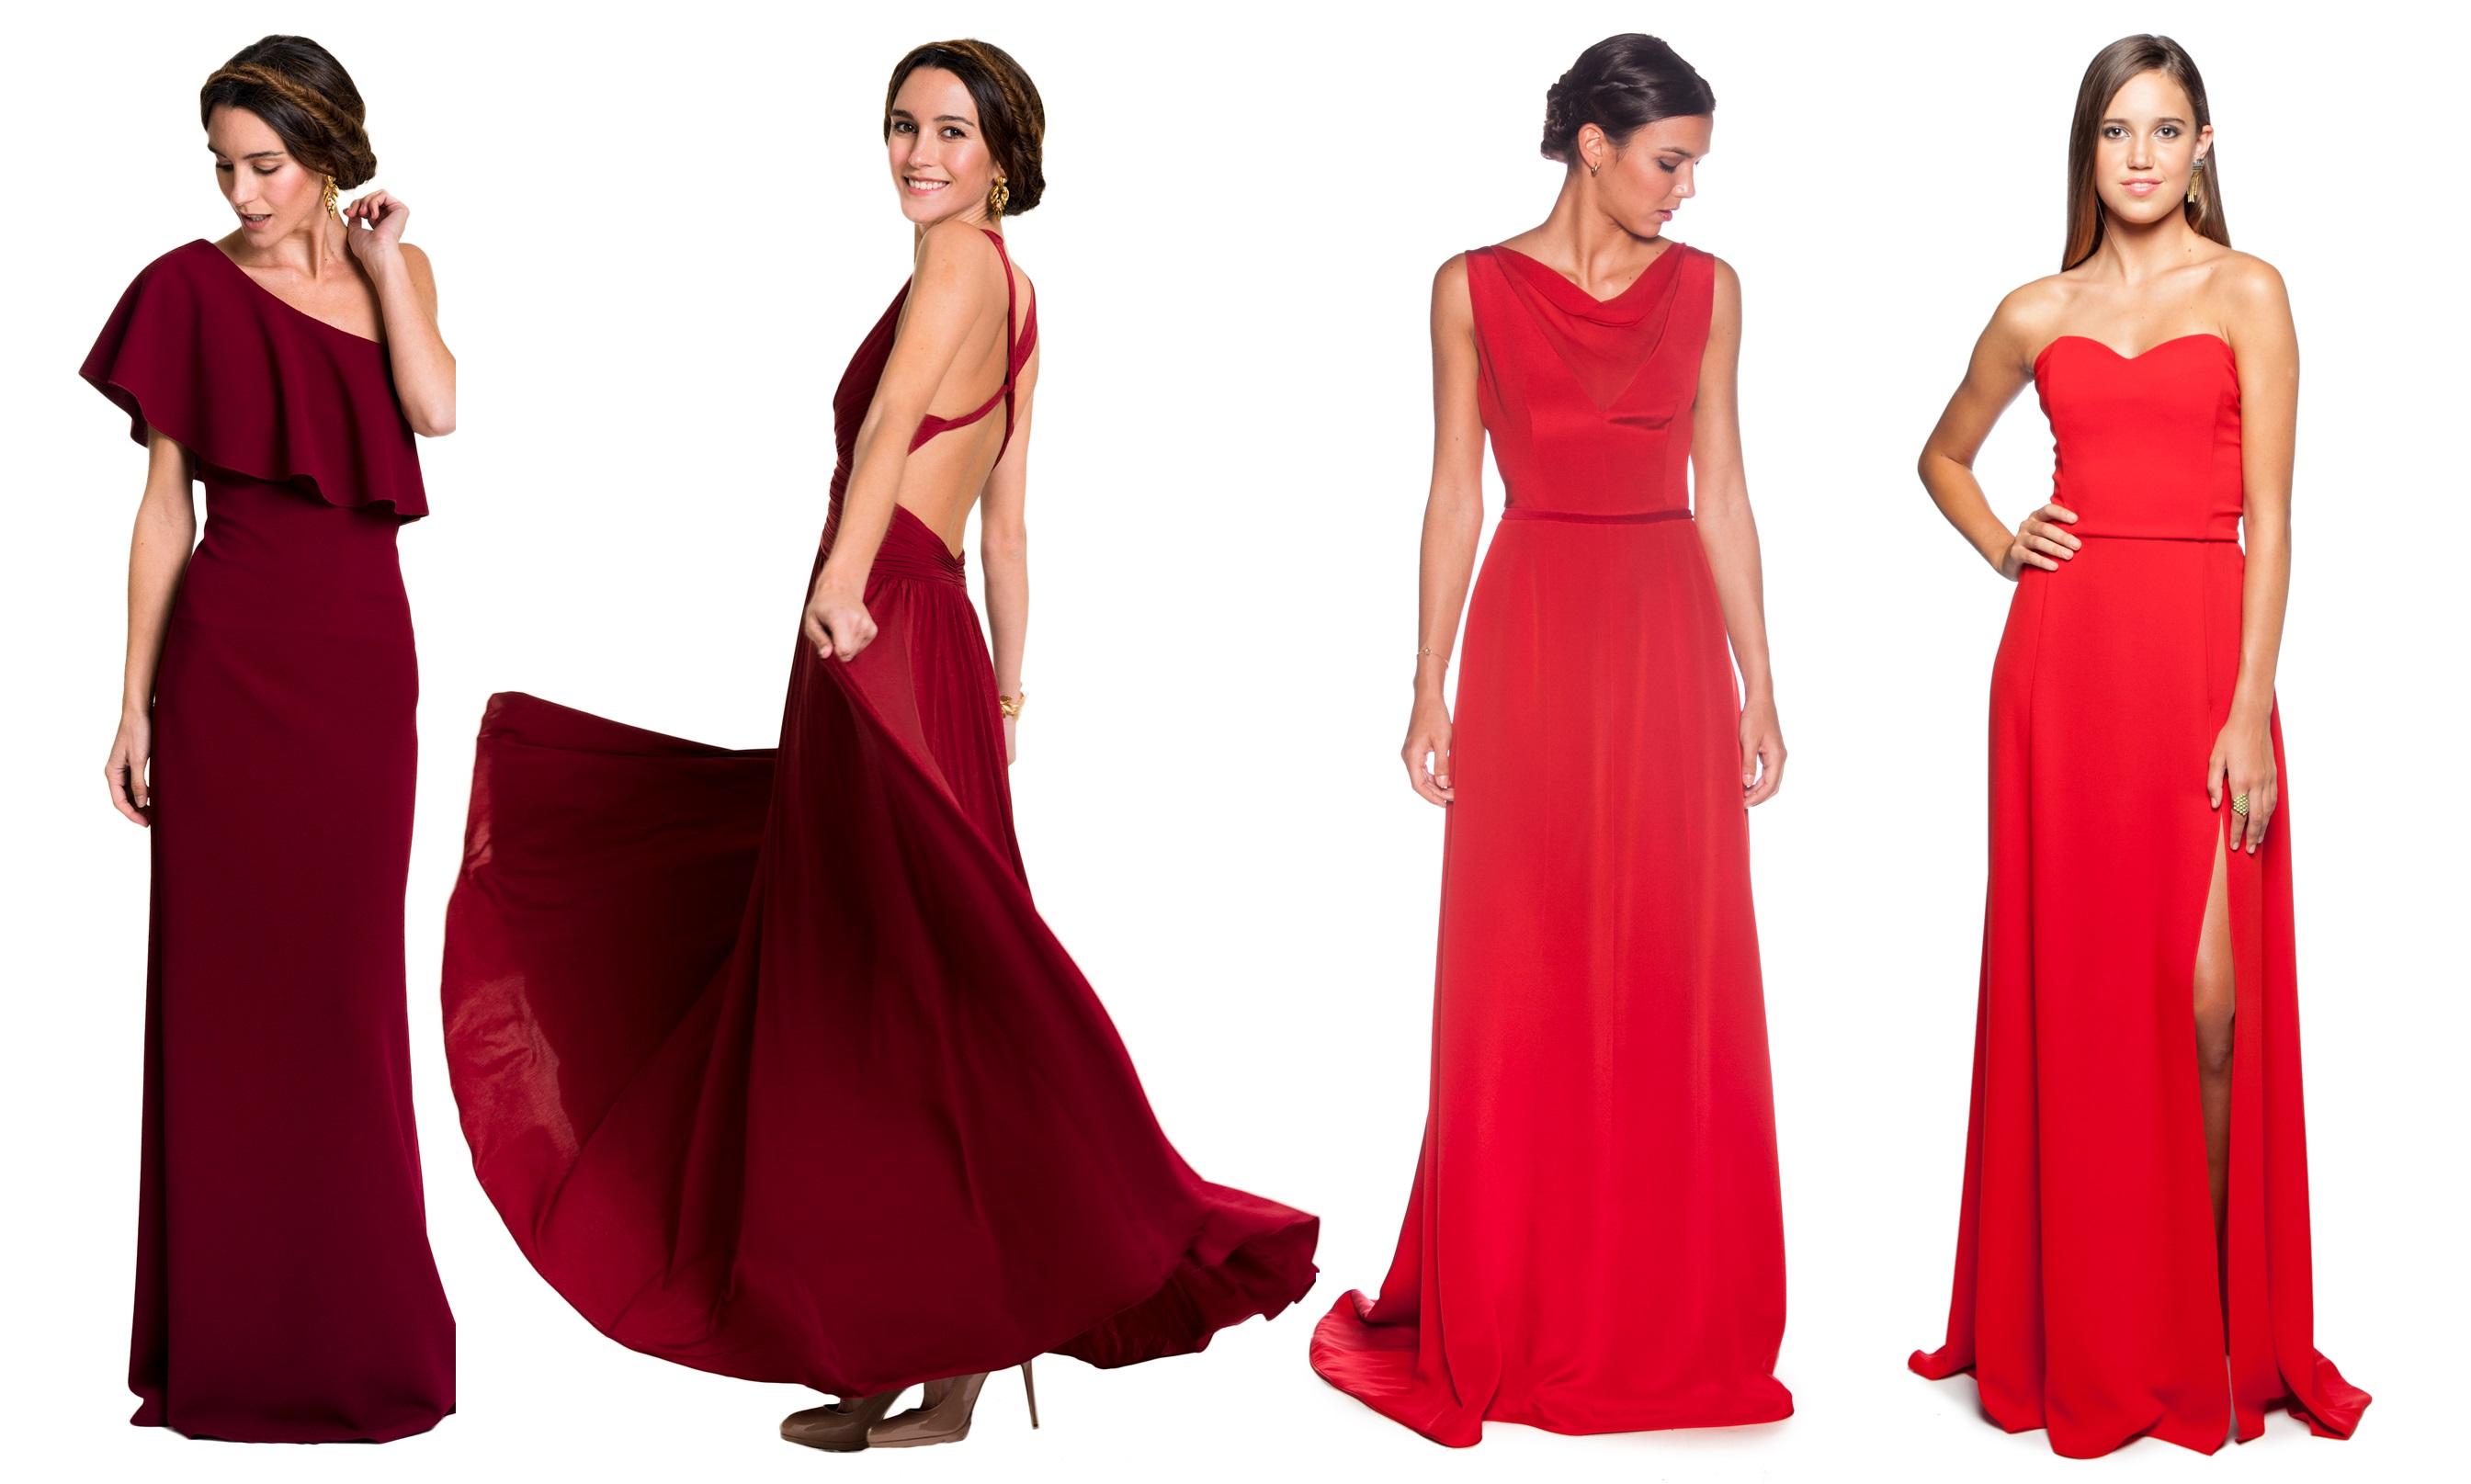 vestidos rojos para invitadas de alquiler en lamasmona.com